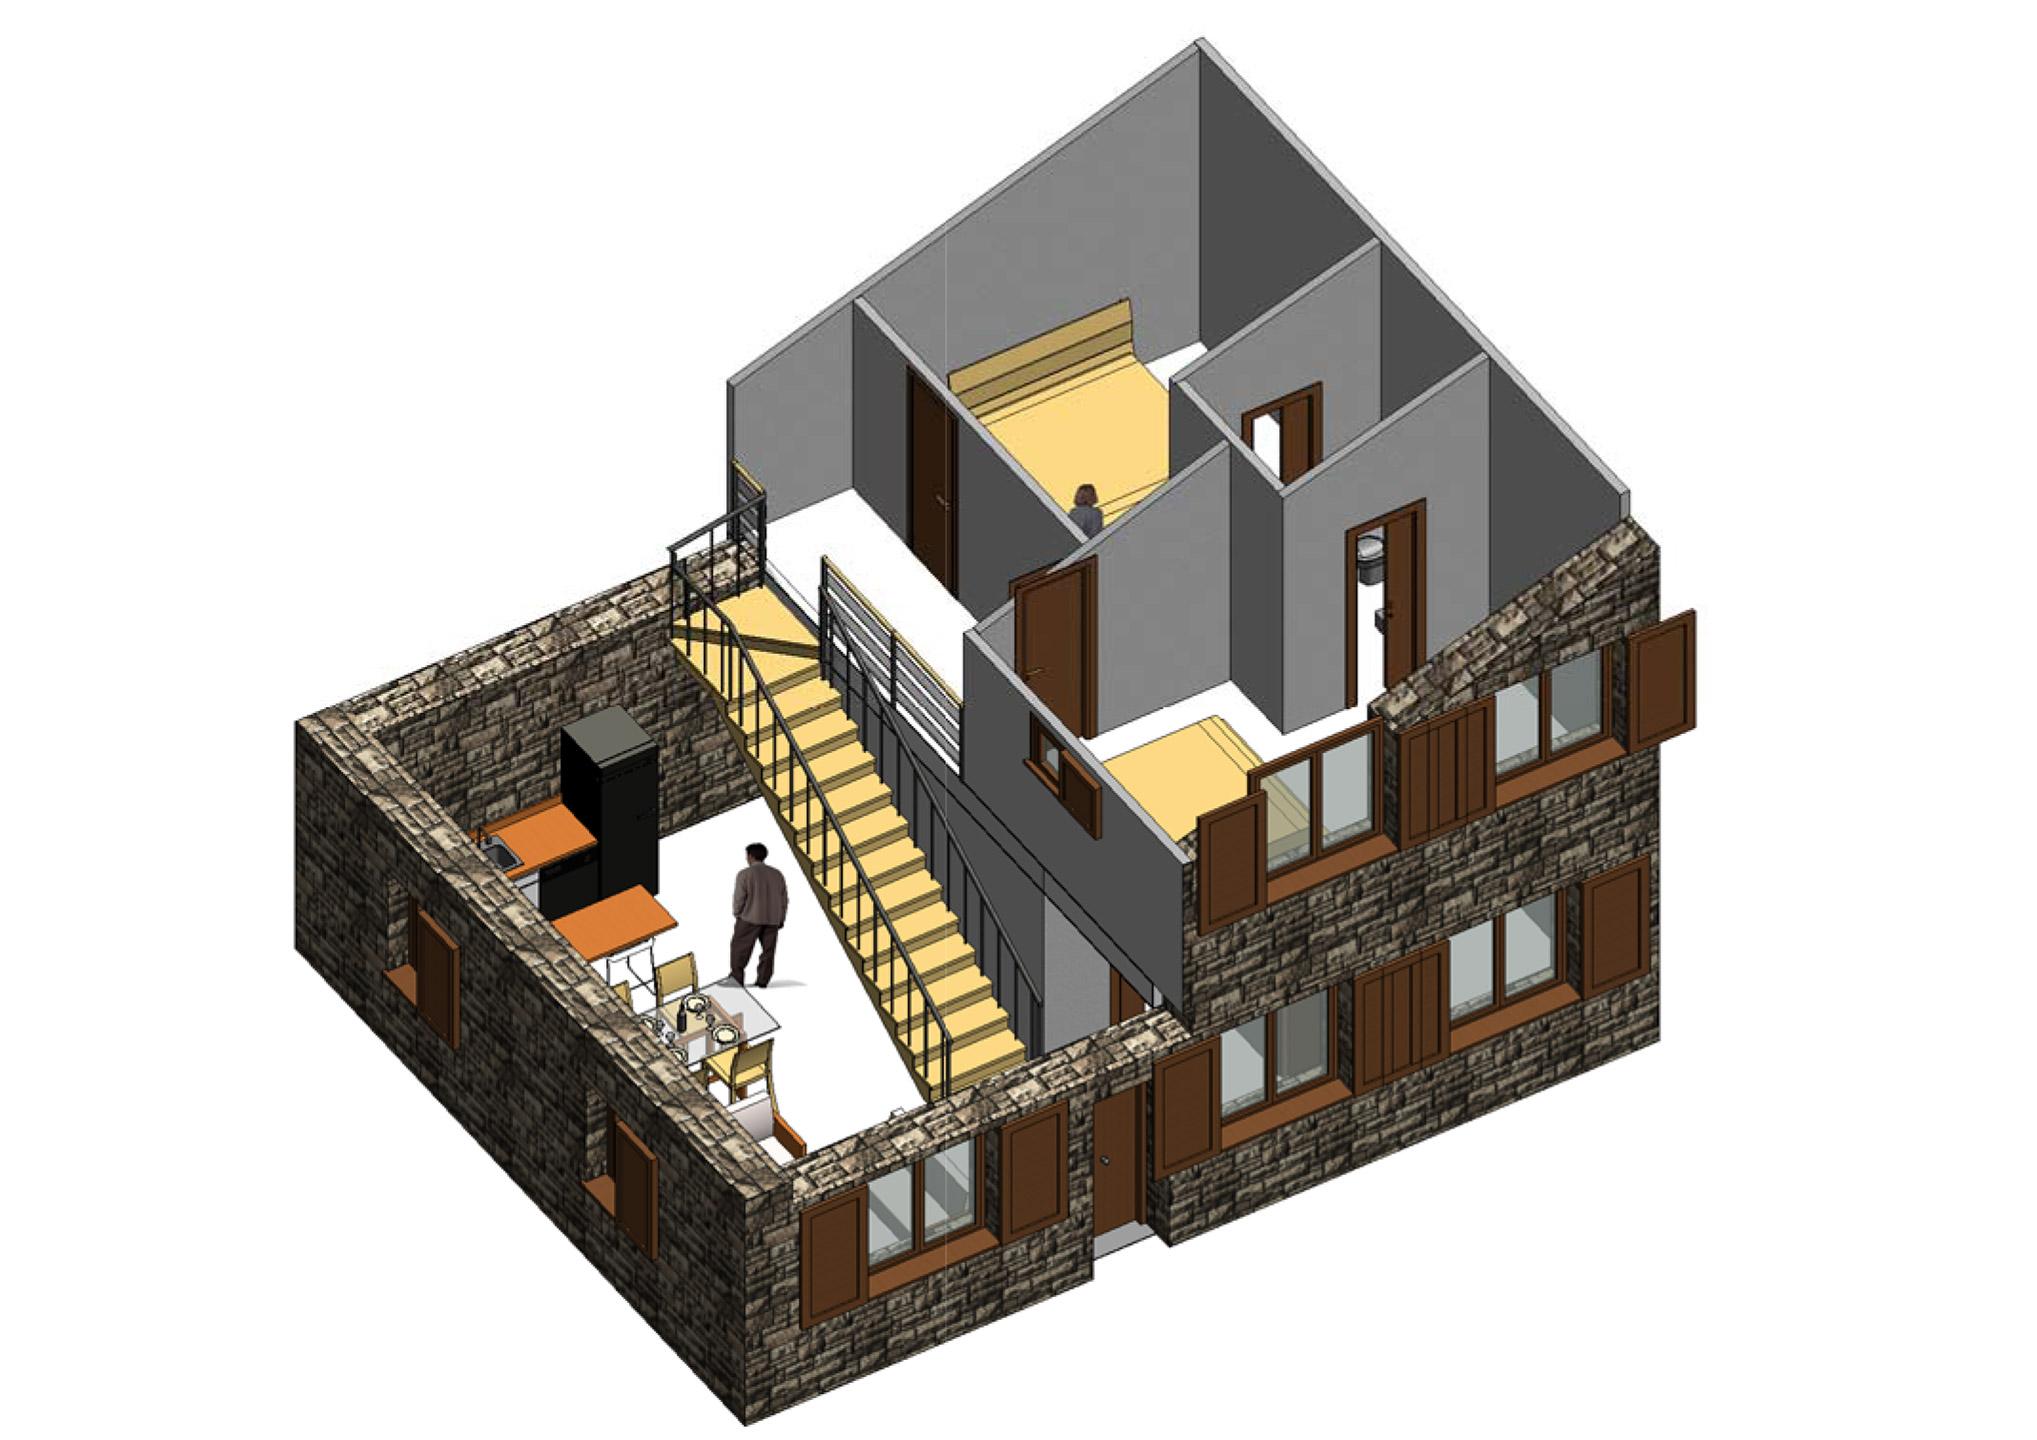 Arkitektura proiektuen aurrekontuak